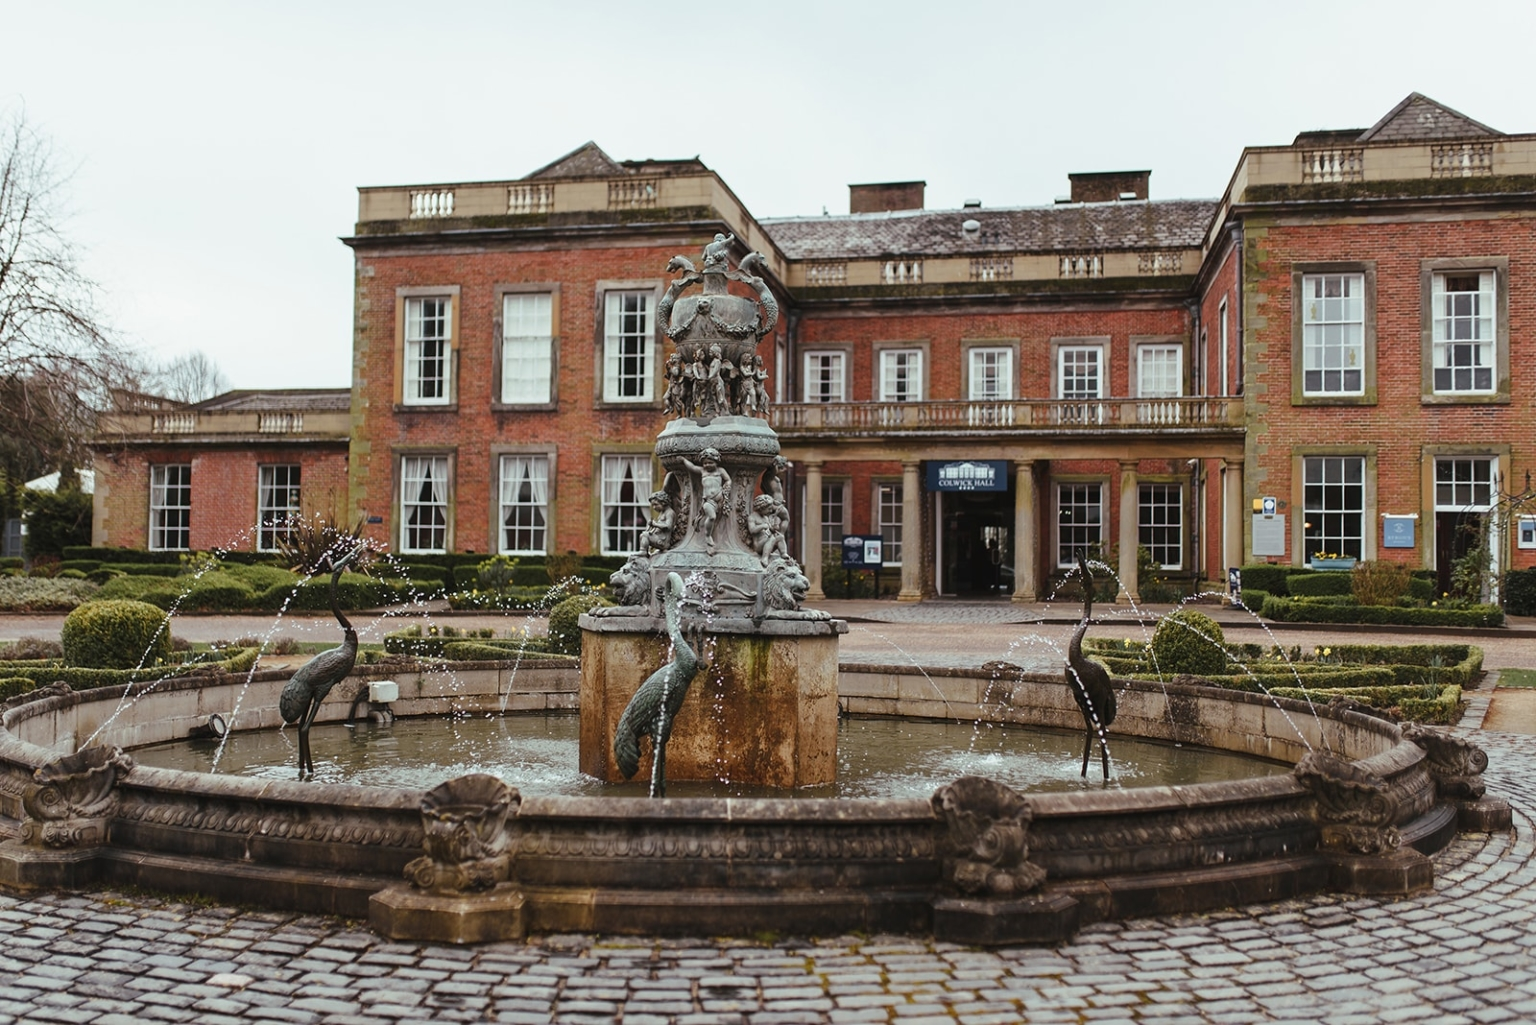 Colwick Hall 1